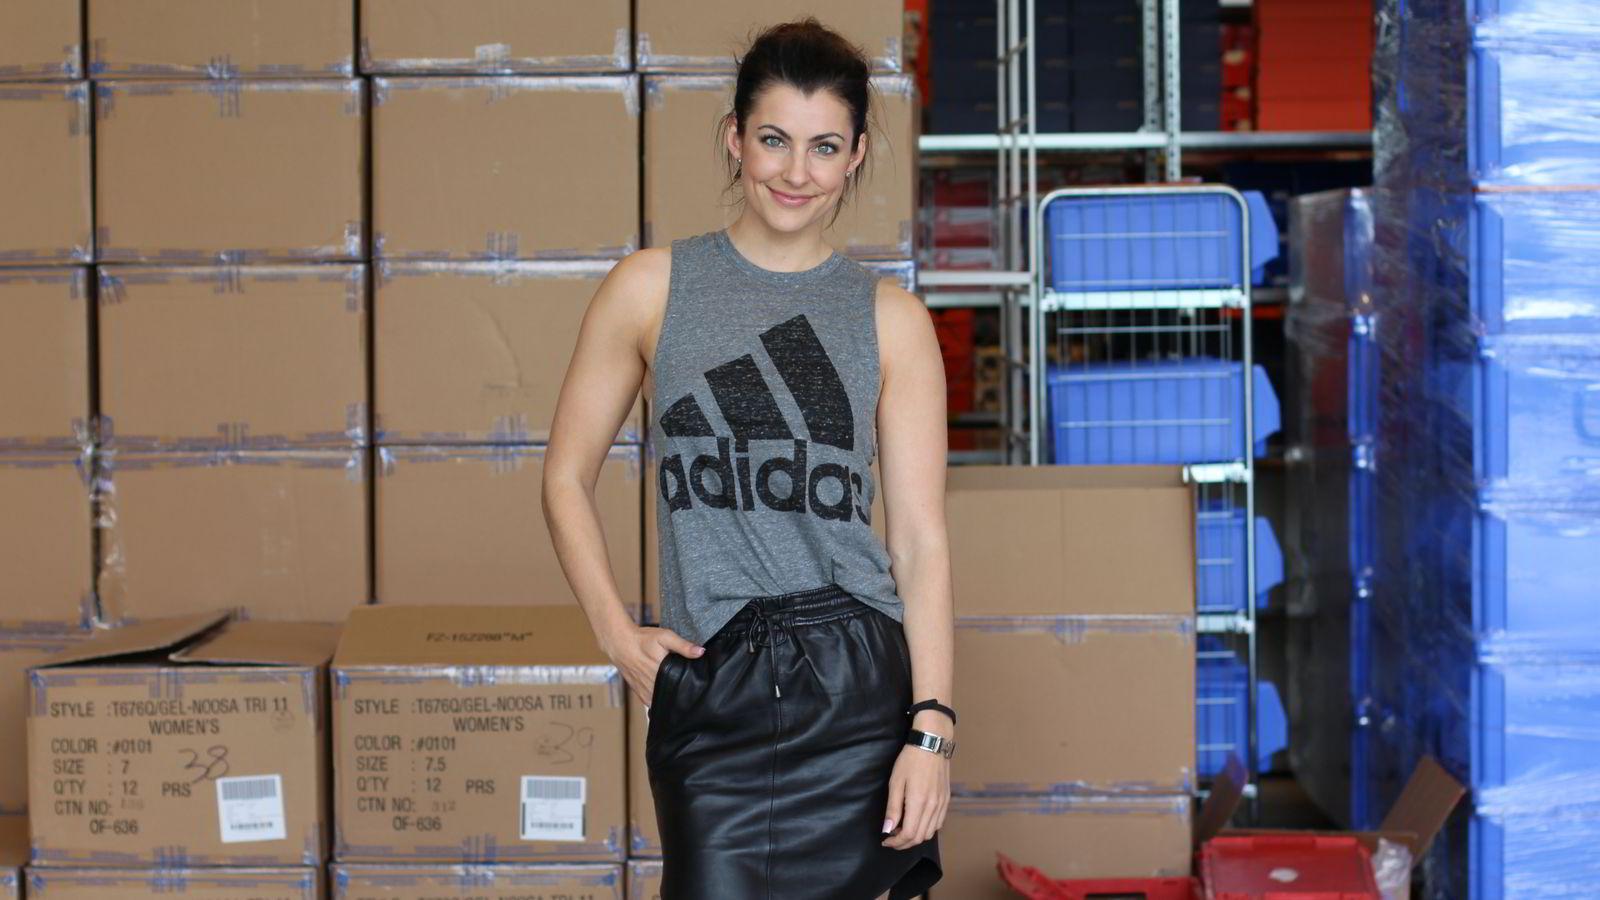 For syv år siden startet Silje Landevåg (31) nettbutikken Get Inspired, som selger treningsklær til kvinner. I år regner hun med å omsette for over 100 millioner kroner.